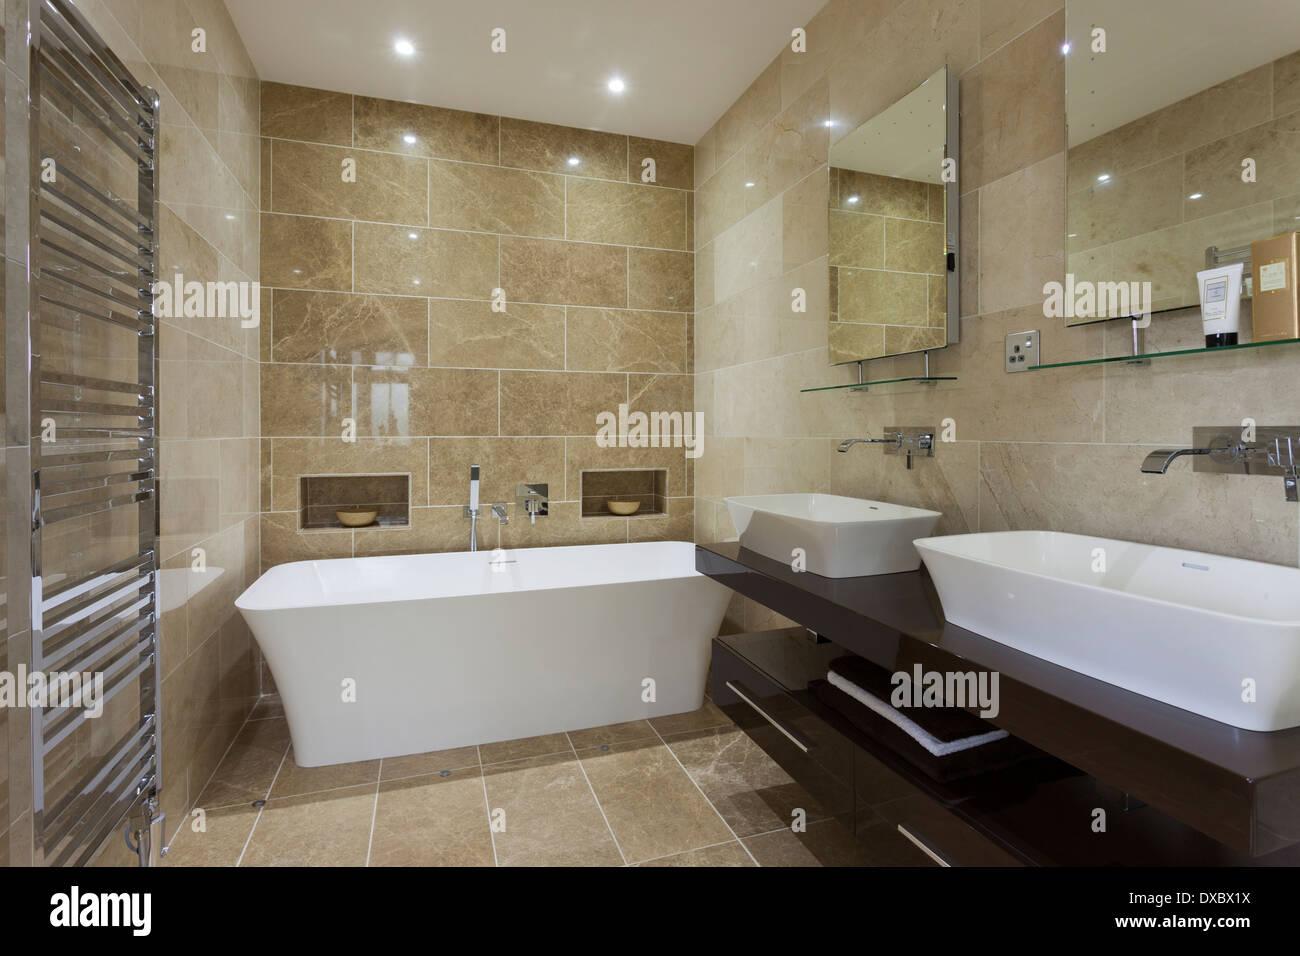 Luxus Badezimmer Fliesen | Luxus Badezimmer Mit Mandarin Stein Fliesen Und Boden Stockfoto